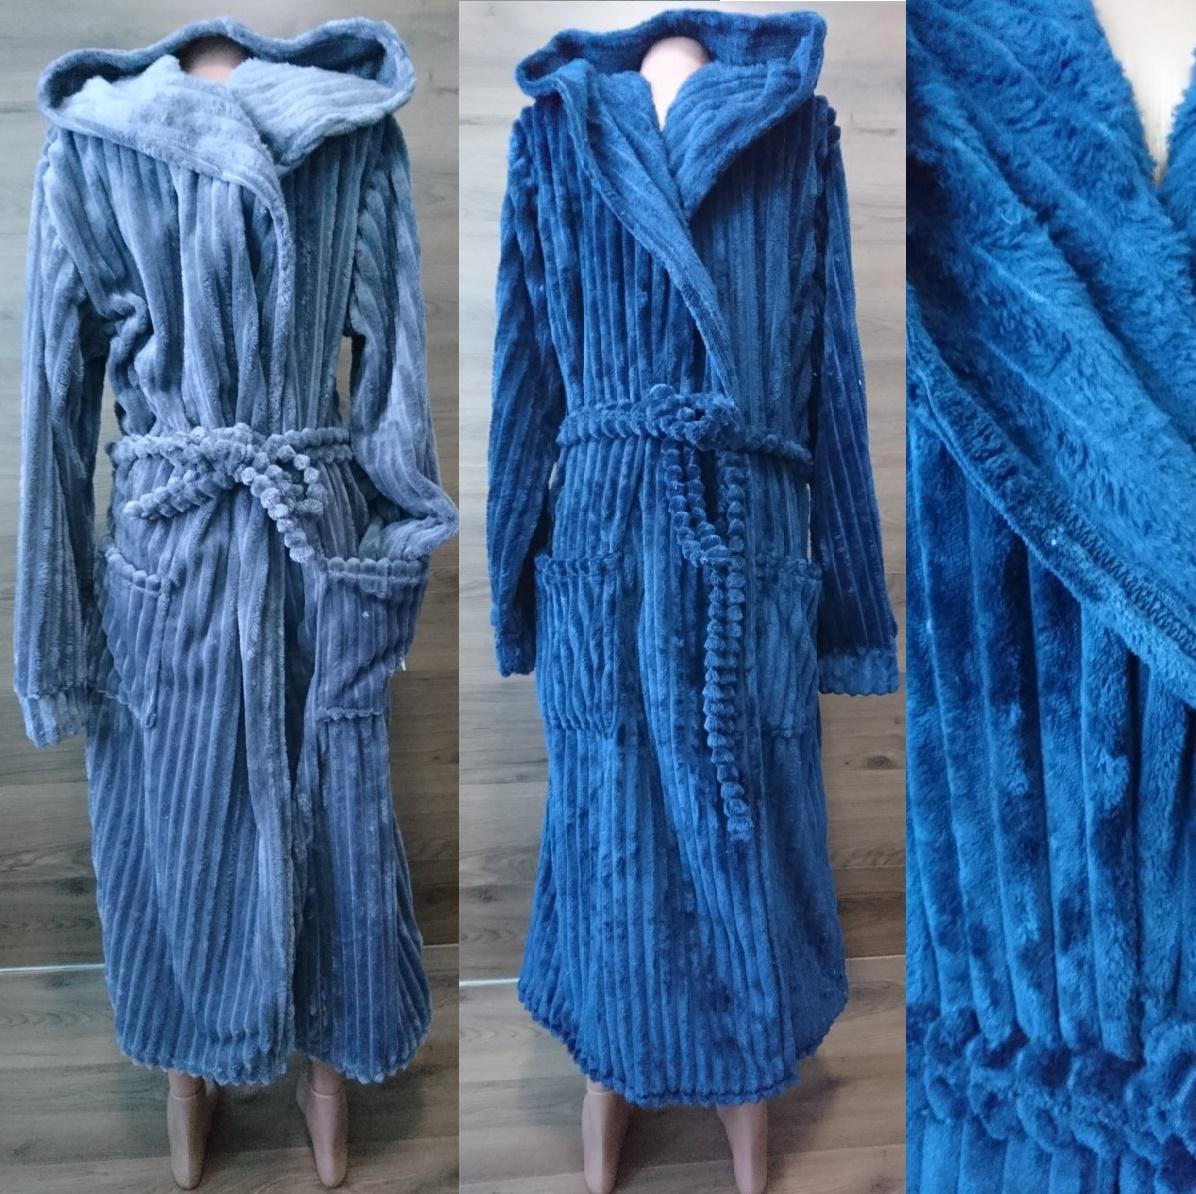 20b10c1b7f0df Махровые халаты для мужчин !!! - интернет-магазин